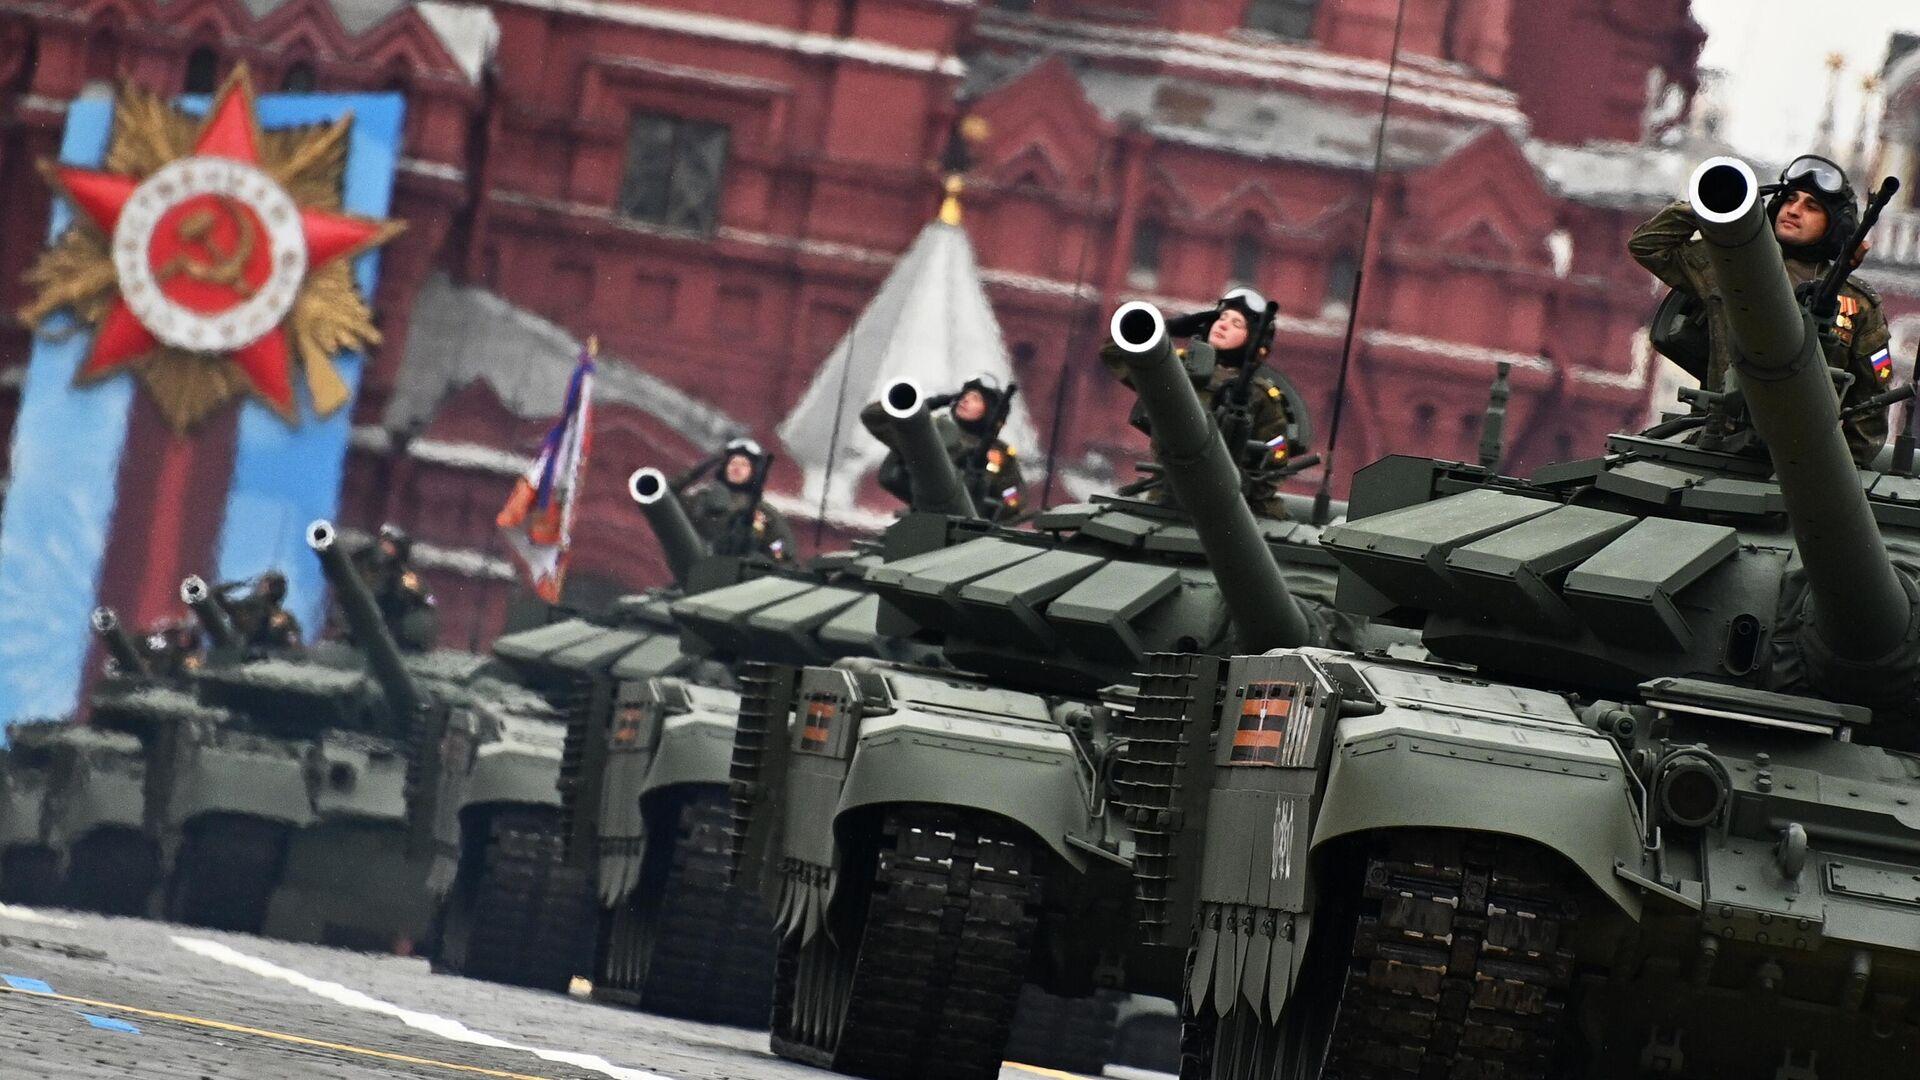 Танки Т-72Б3М на военном параде в честь 76-й годовщины Победы в Великой Отечественной войне в Москве - РИА Новости, 1920, 09.05.2021